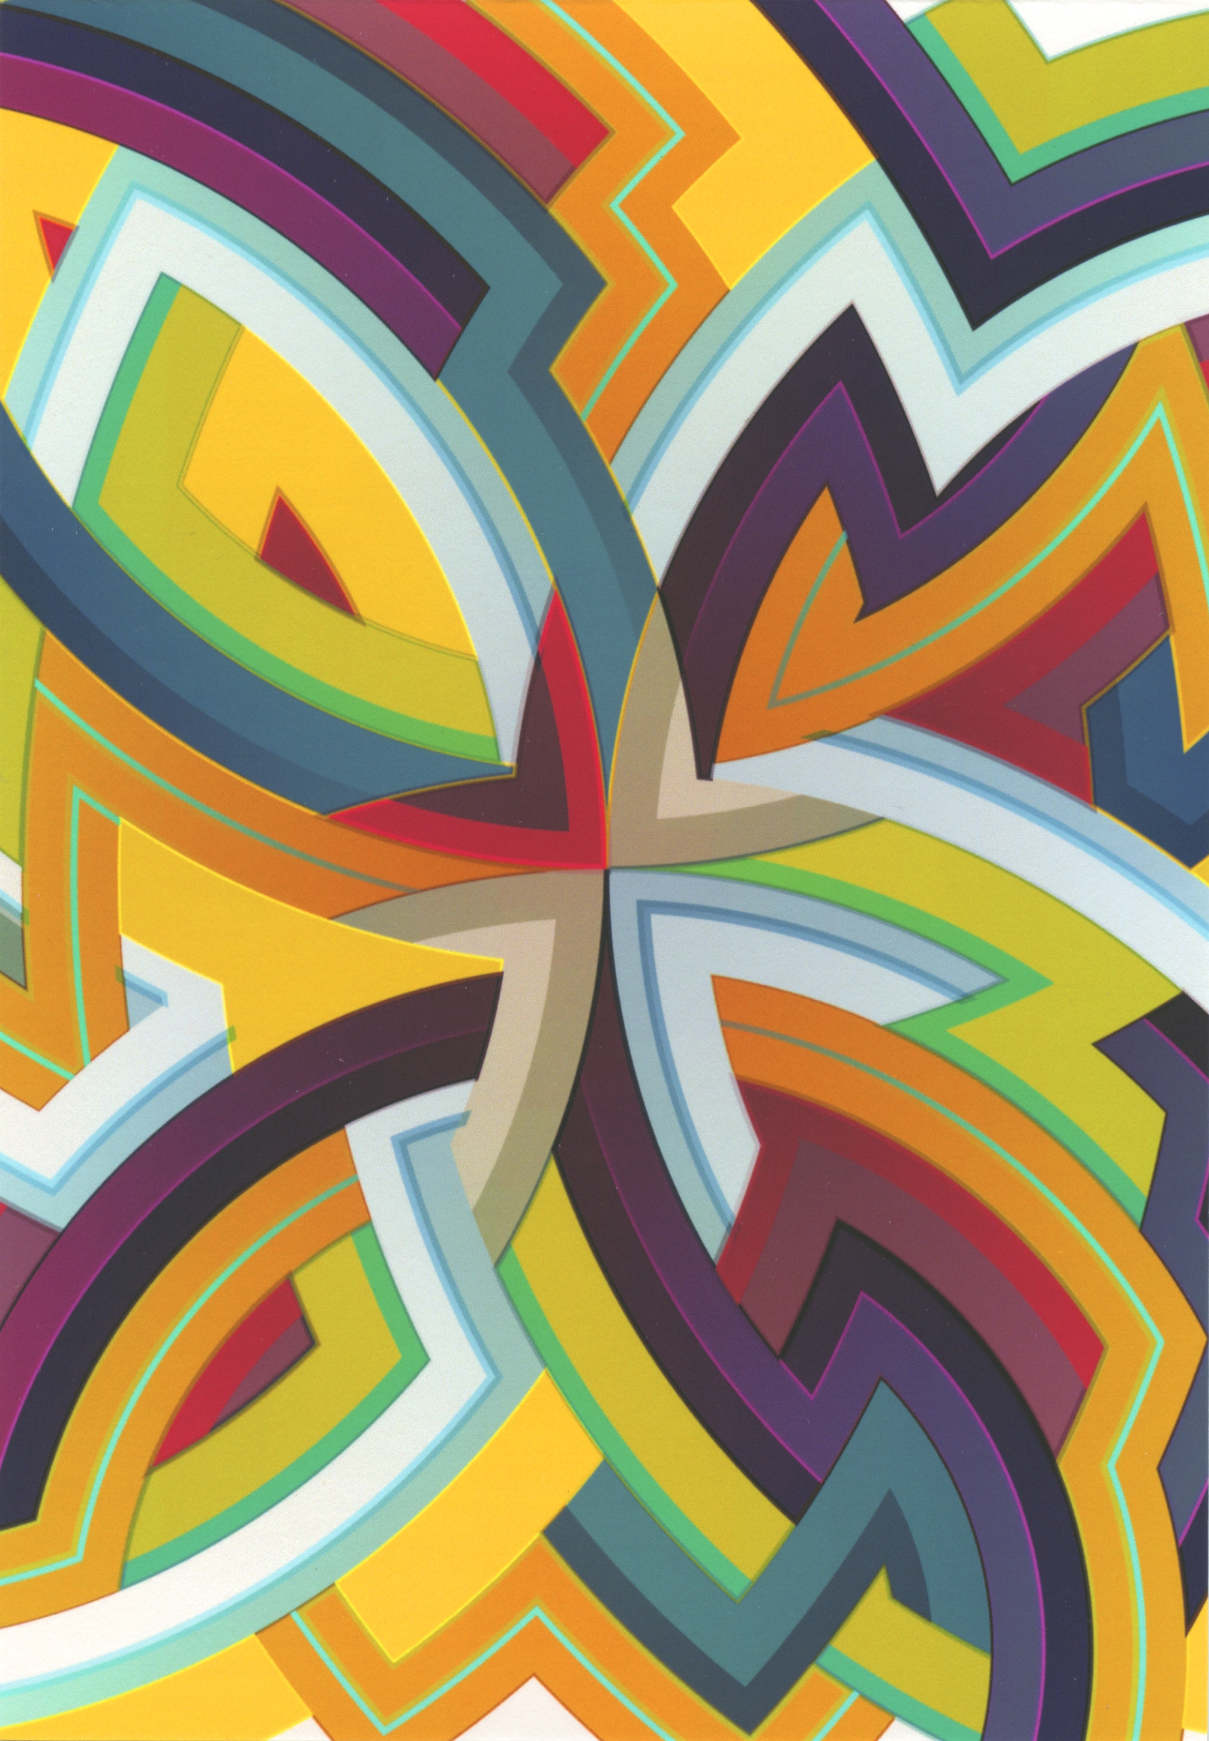 Lot 579 Interstella / WIP - Pigment Print on Card